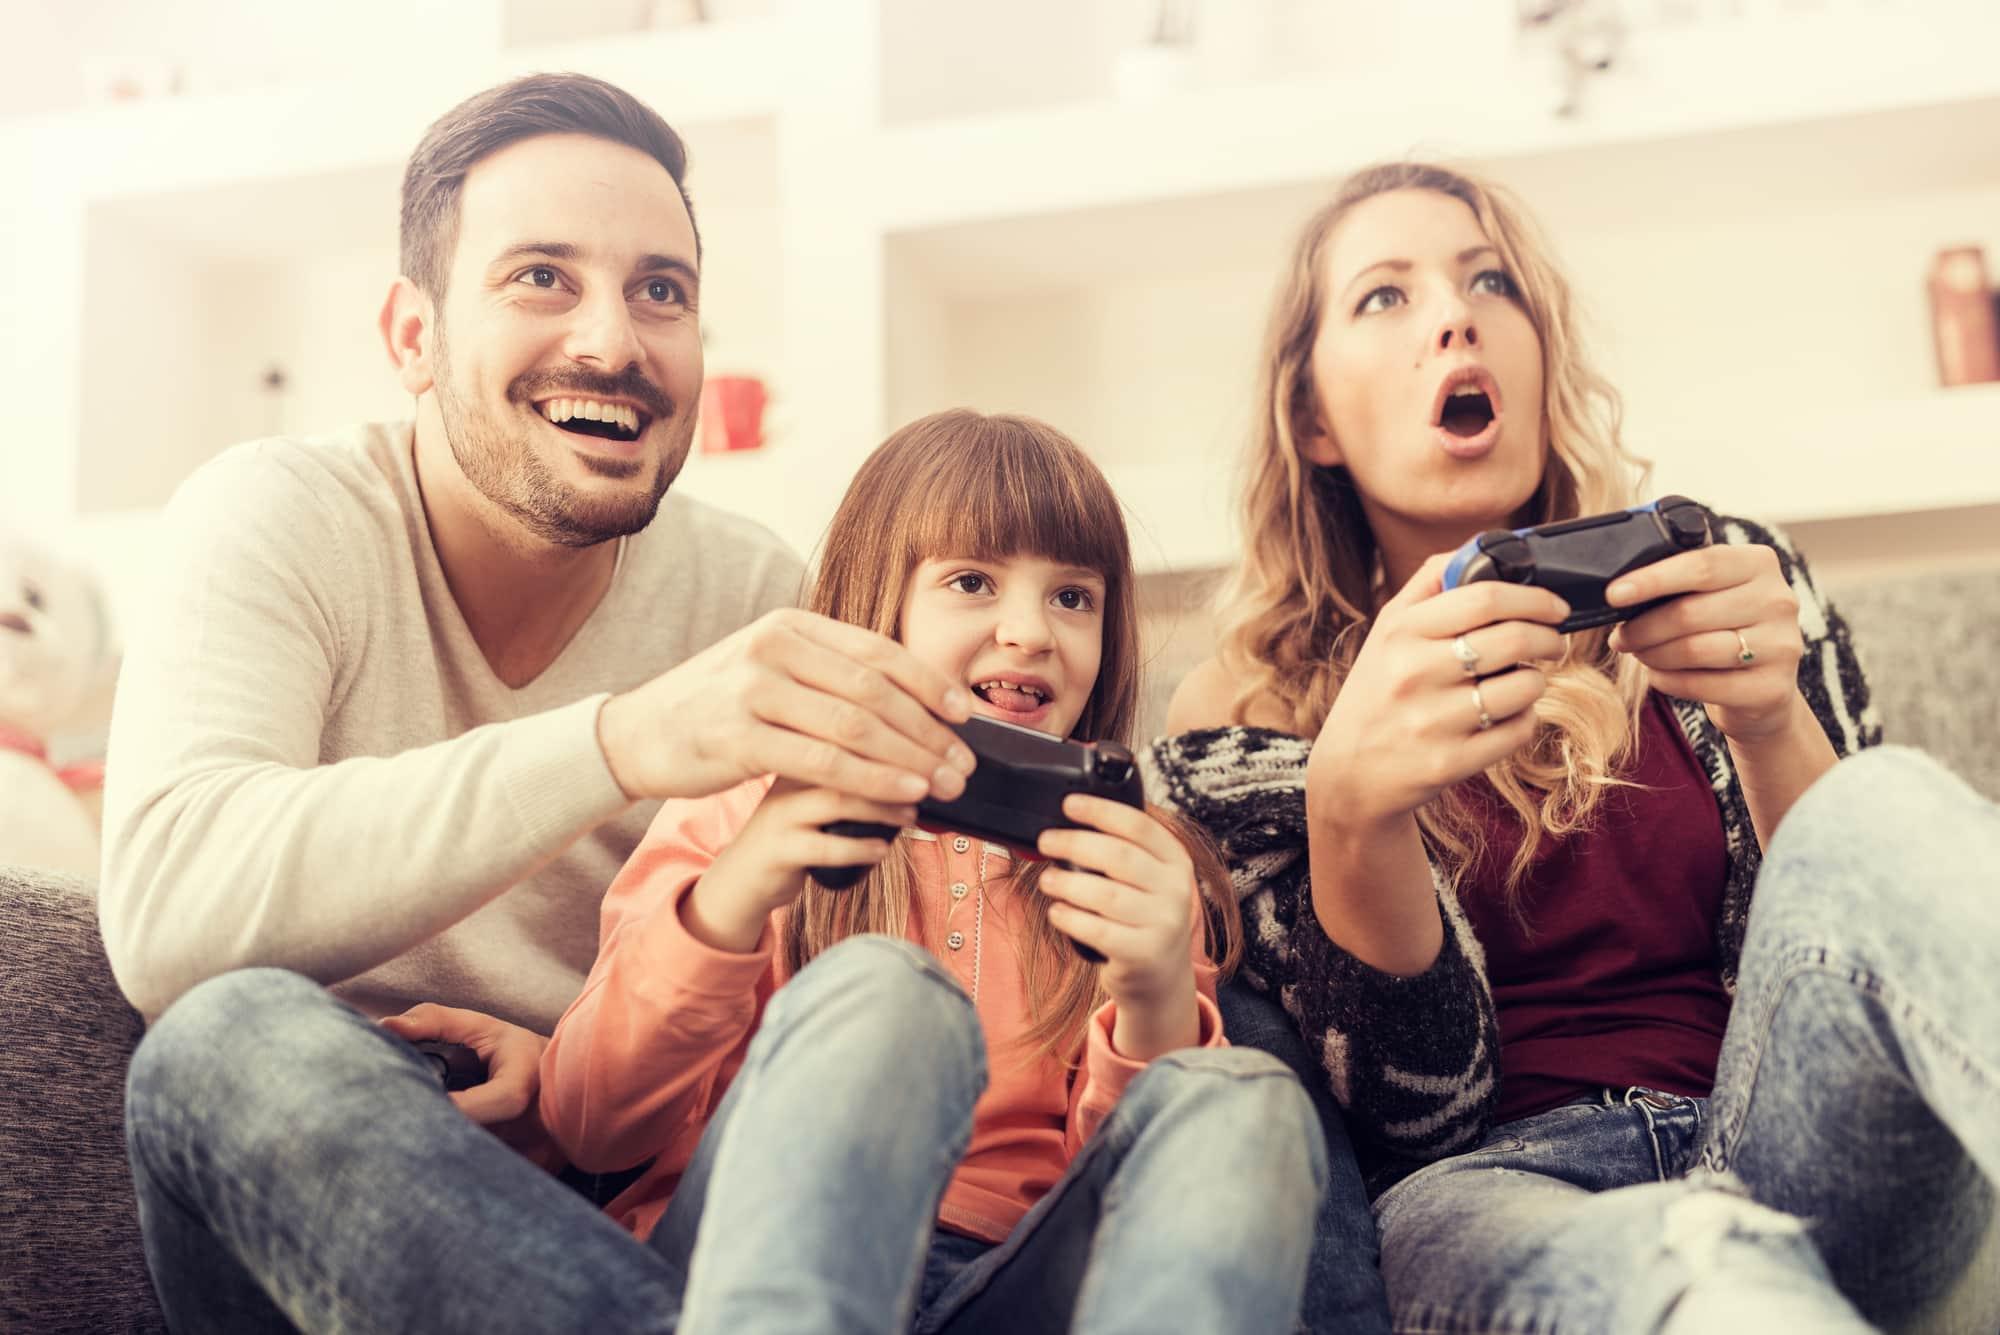 bermain game bersama keluarga